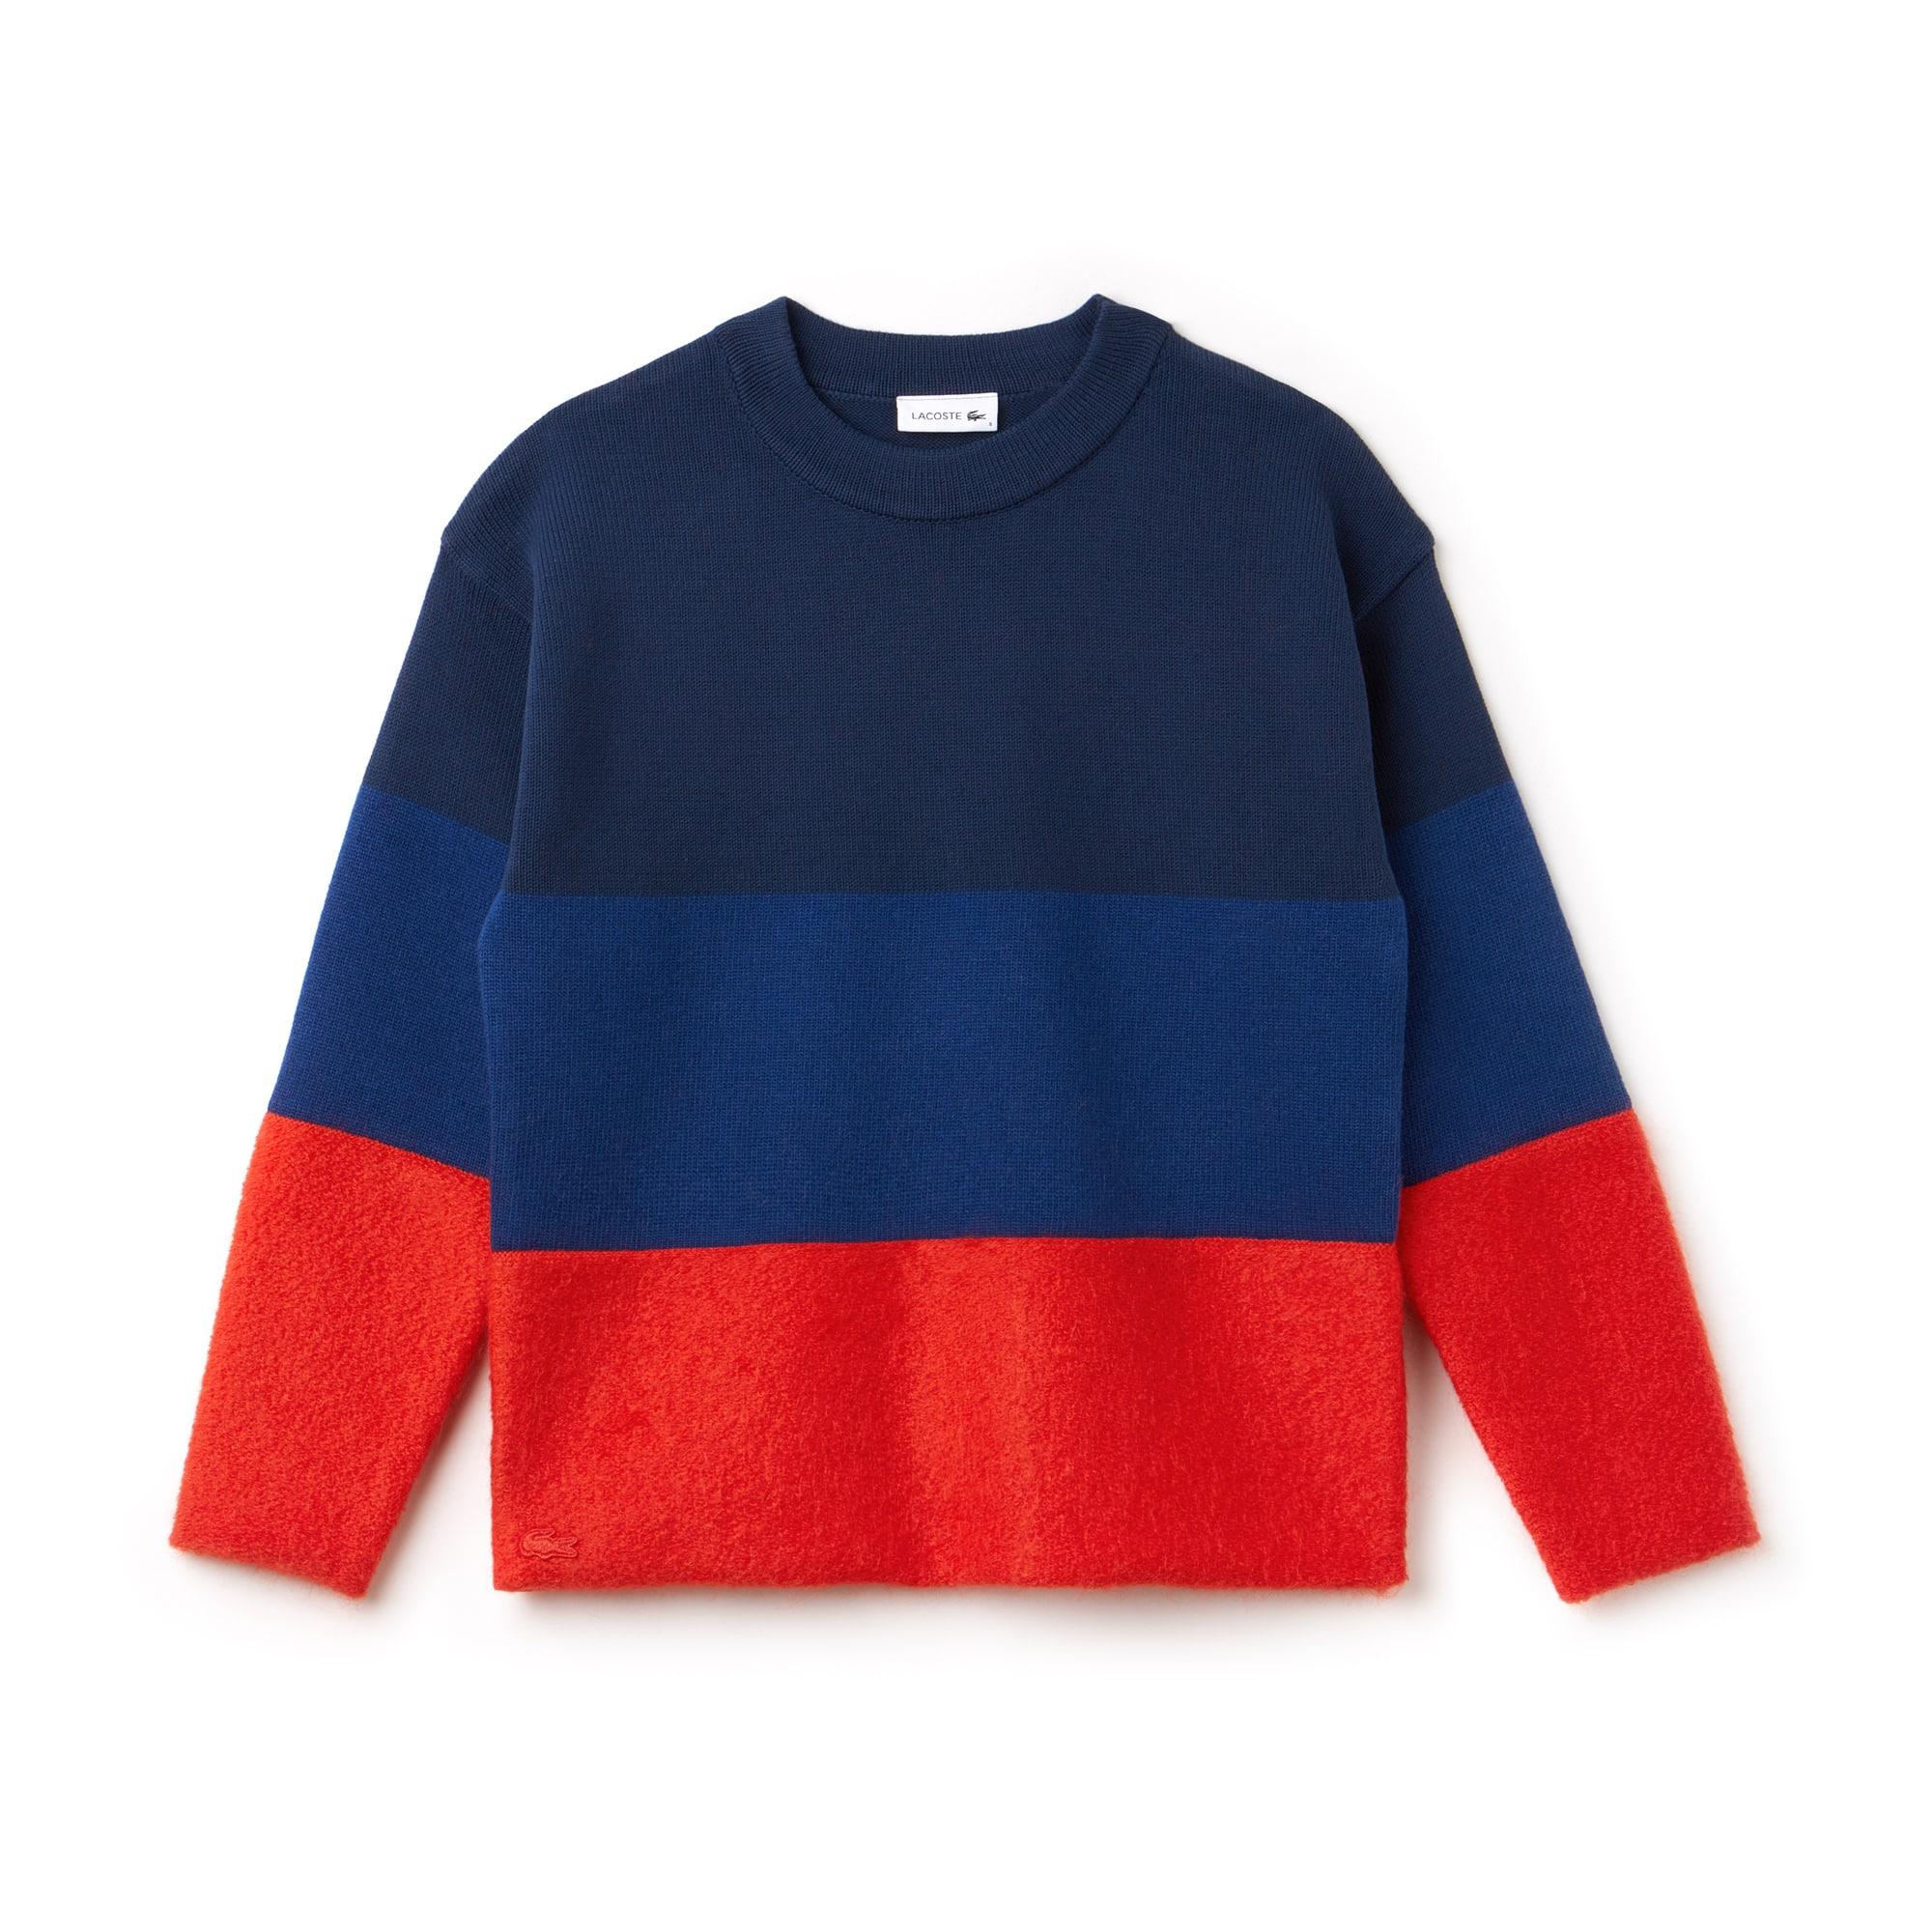 라코스테 스웨터 Lacoste Womens Crew Neck Colorblock Cotton, Mohair And Wool Jersey Sweater,POMEGRENATE/INKWELL-NAVY